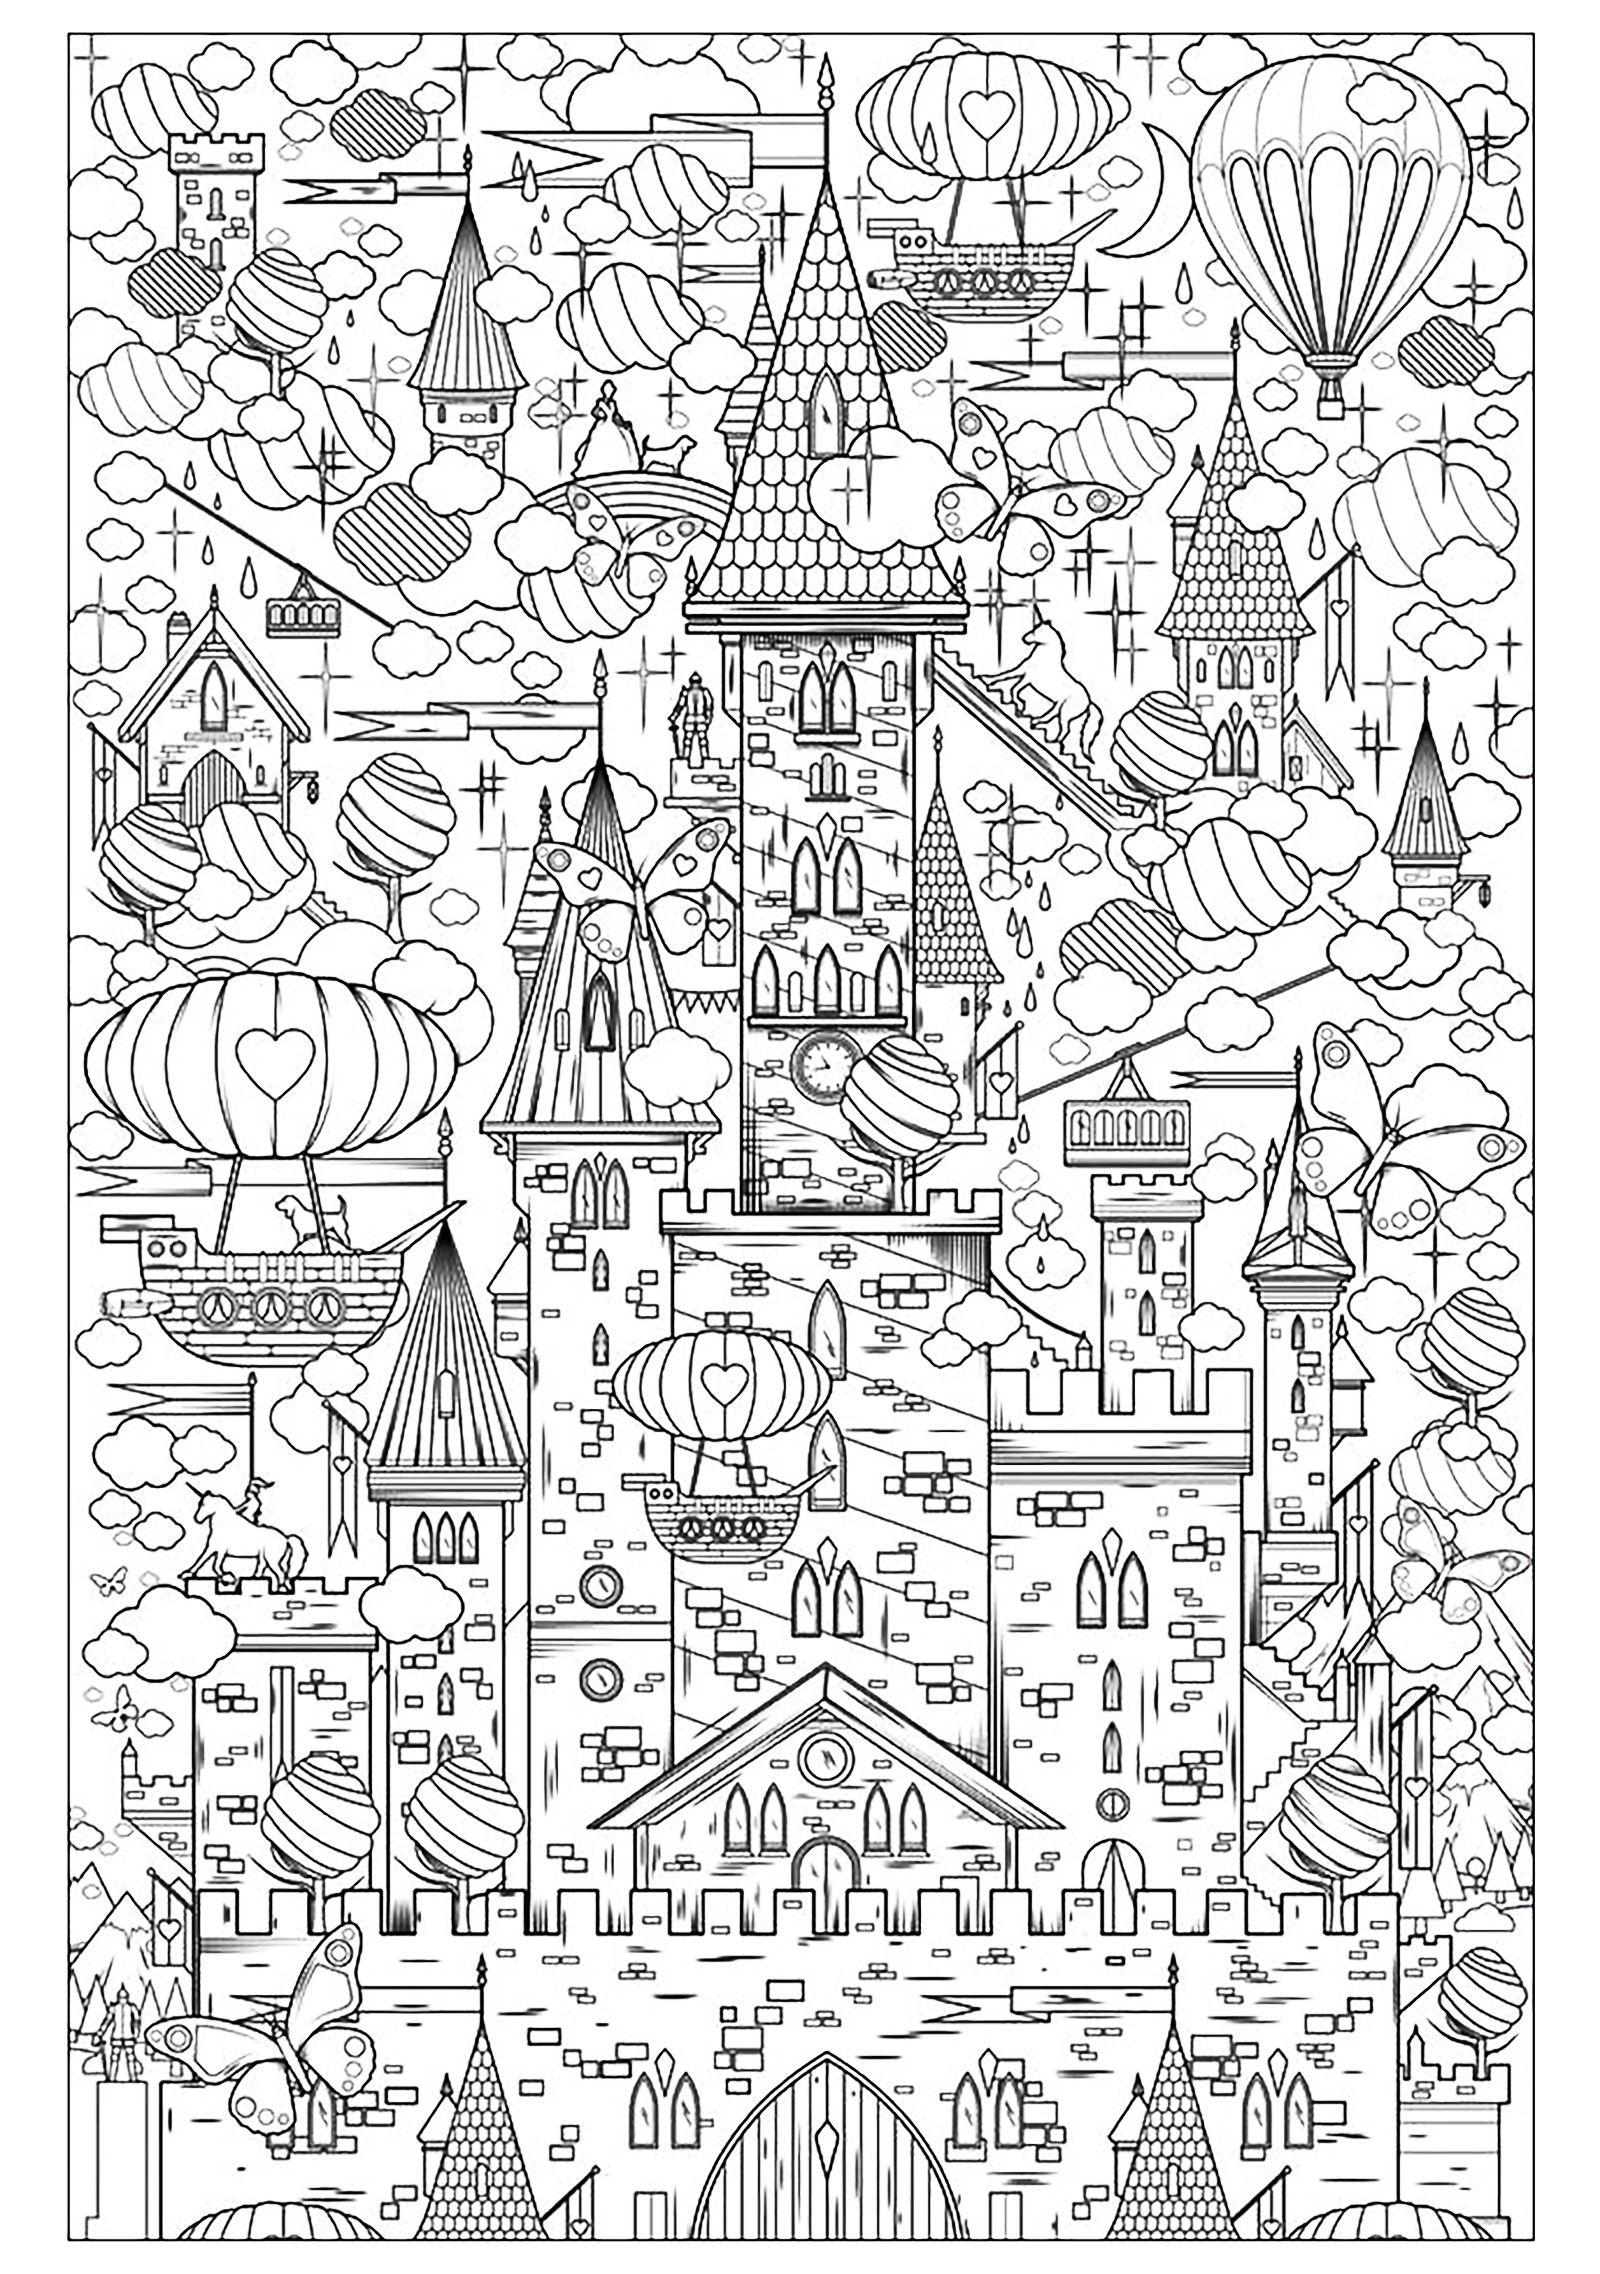 Schwierige Ausmalbilder Für Erwachsene Landschaften : An Incredible Castle From The Gallery Architecture Living